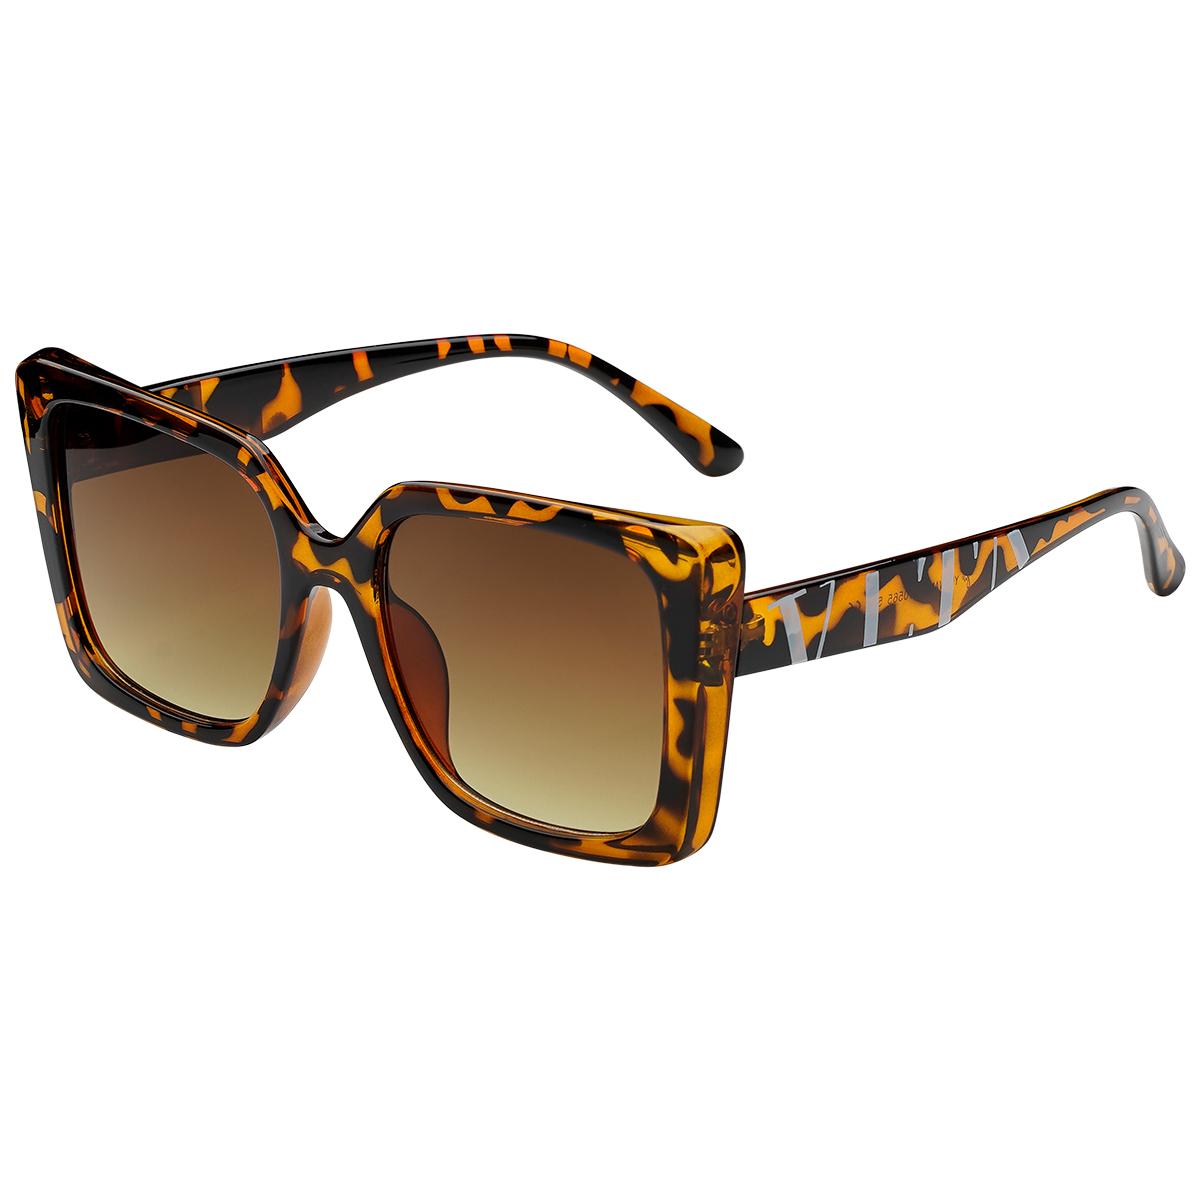 Gafas de sol VLTA Camel